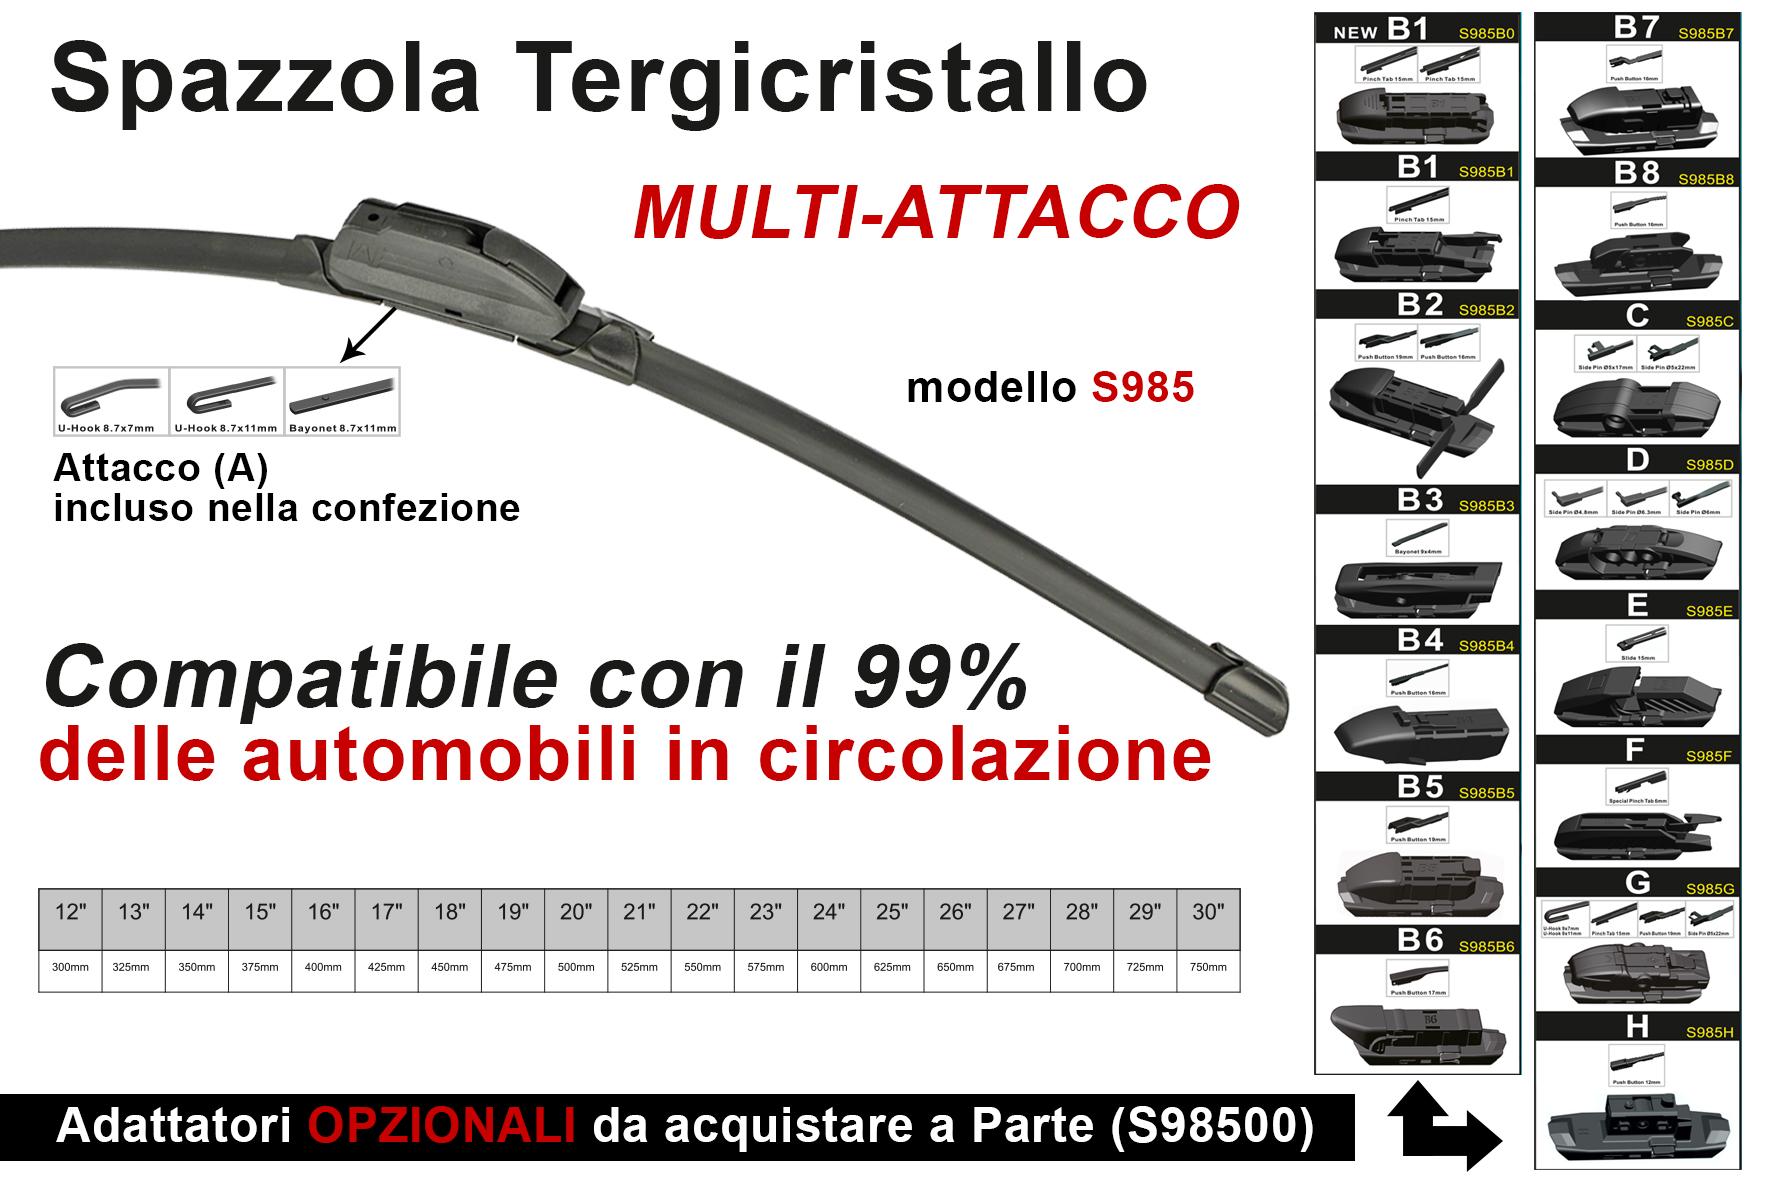 Spazzola Tergicristallo Auto Universale S985 21`` 525mm Carall 16 Attacchi Opzionale - PZ